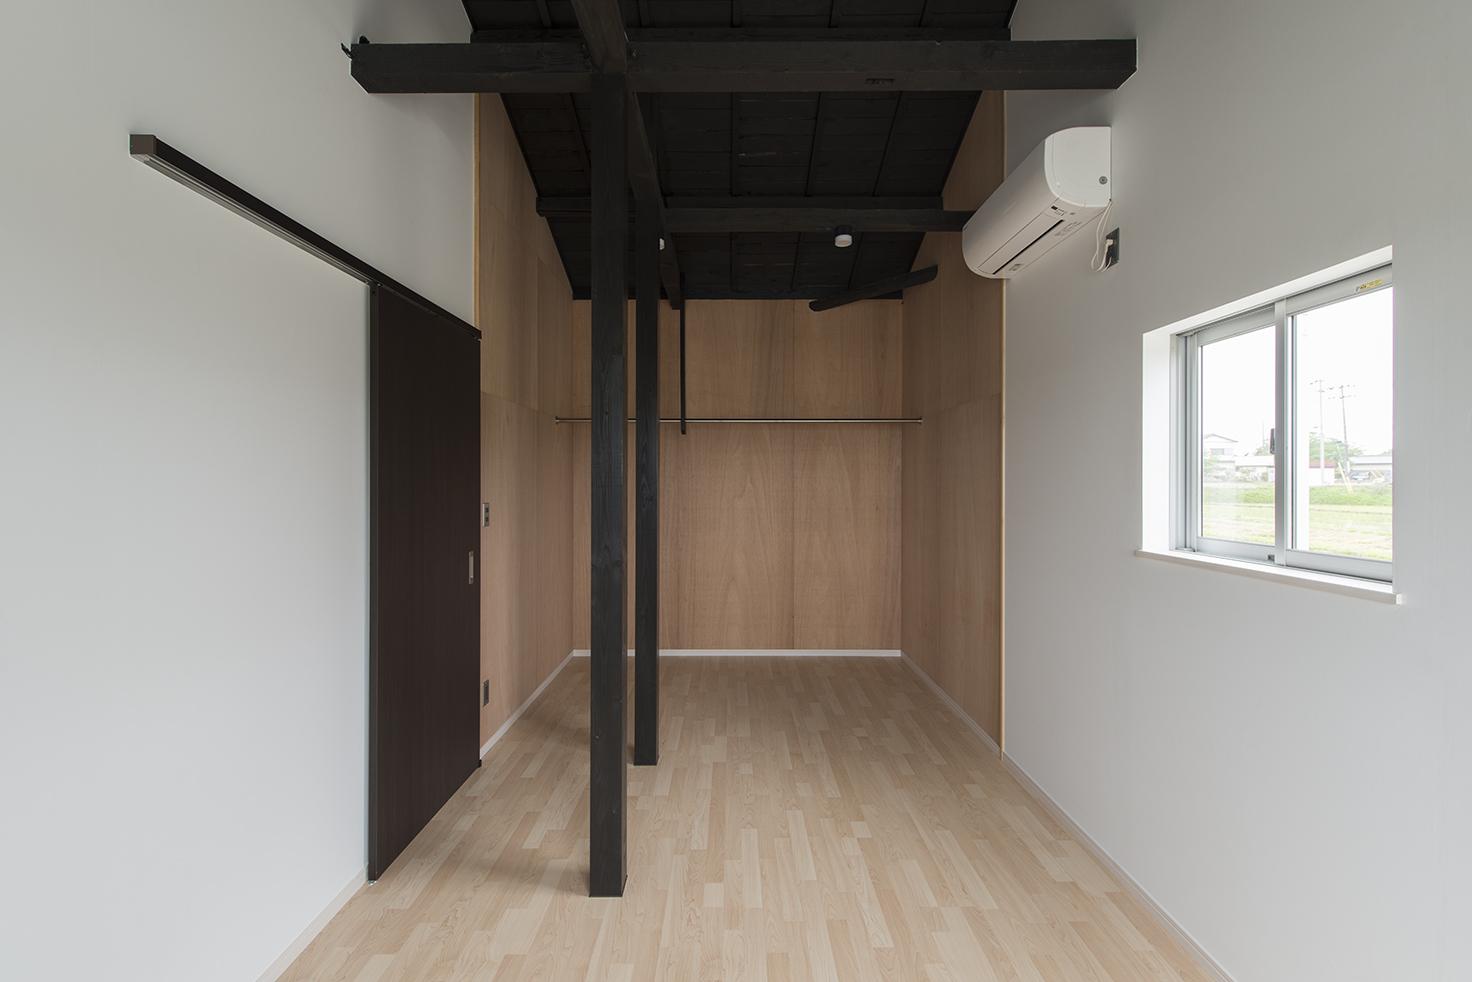 024_木更津の小さな家2